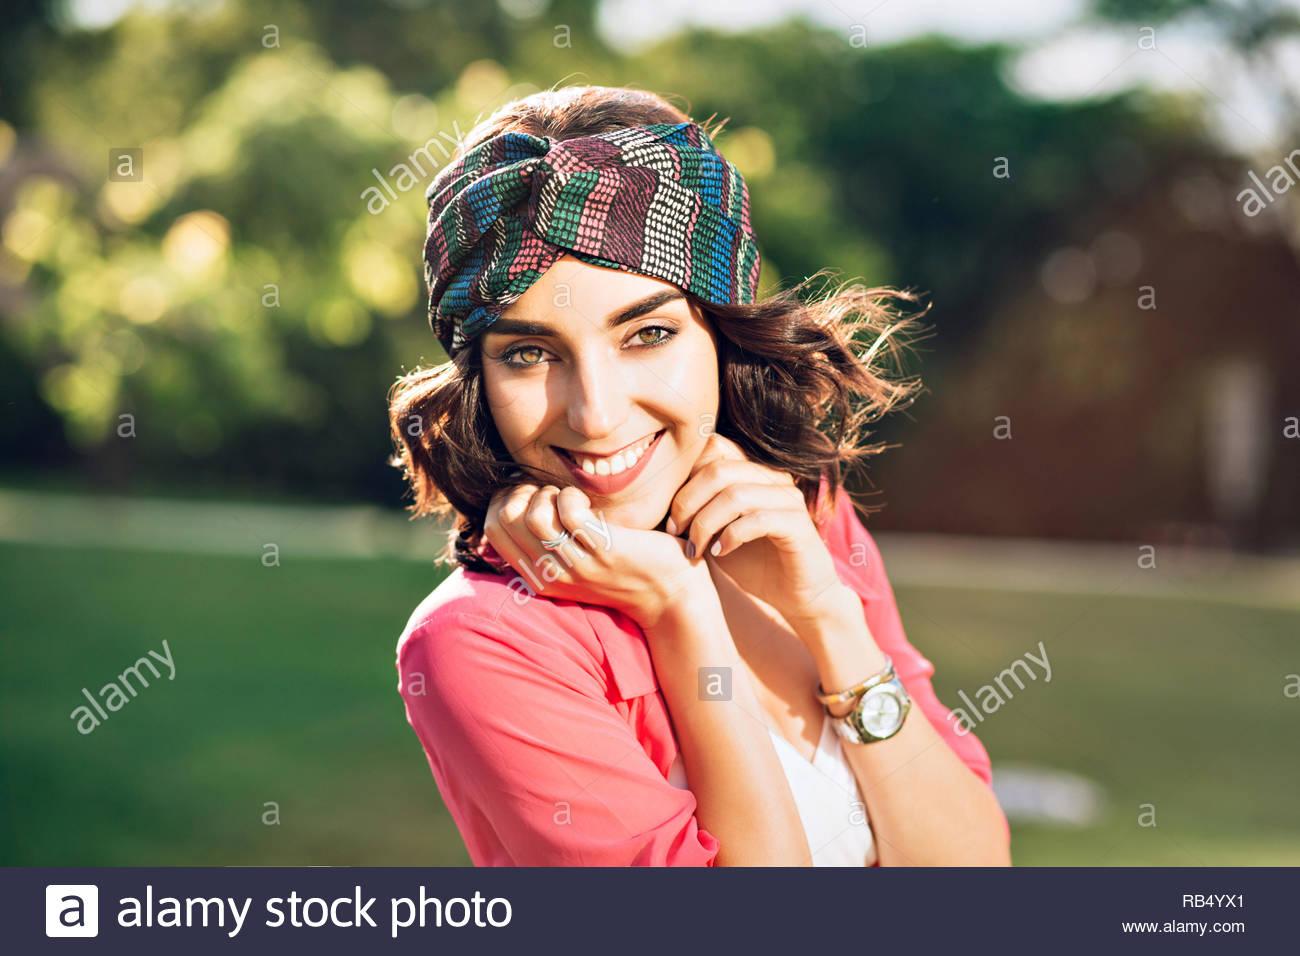 aed7bff4c2 Closeup retrato de niña morena feliz en bandana en estacionamiento. Viste  camisa rosa y sonriendo